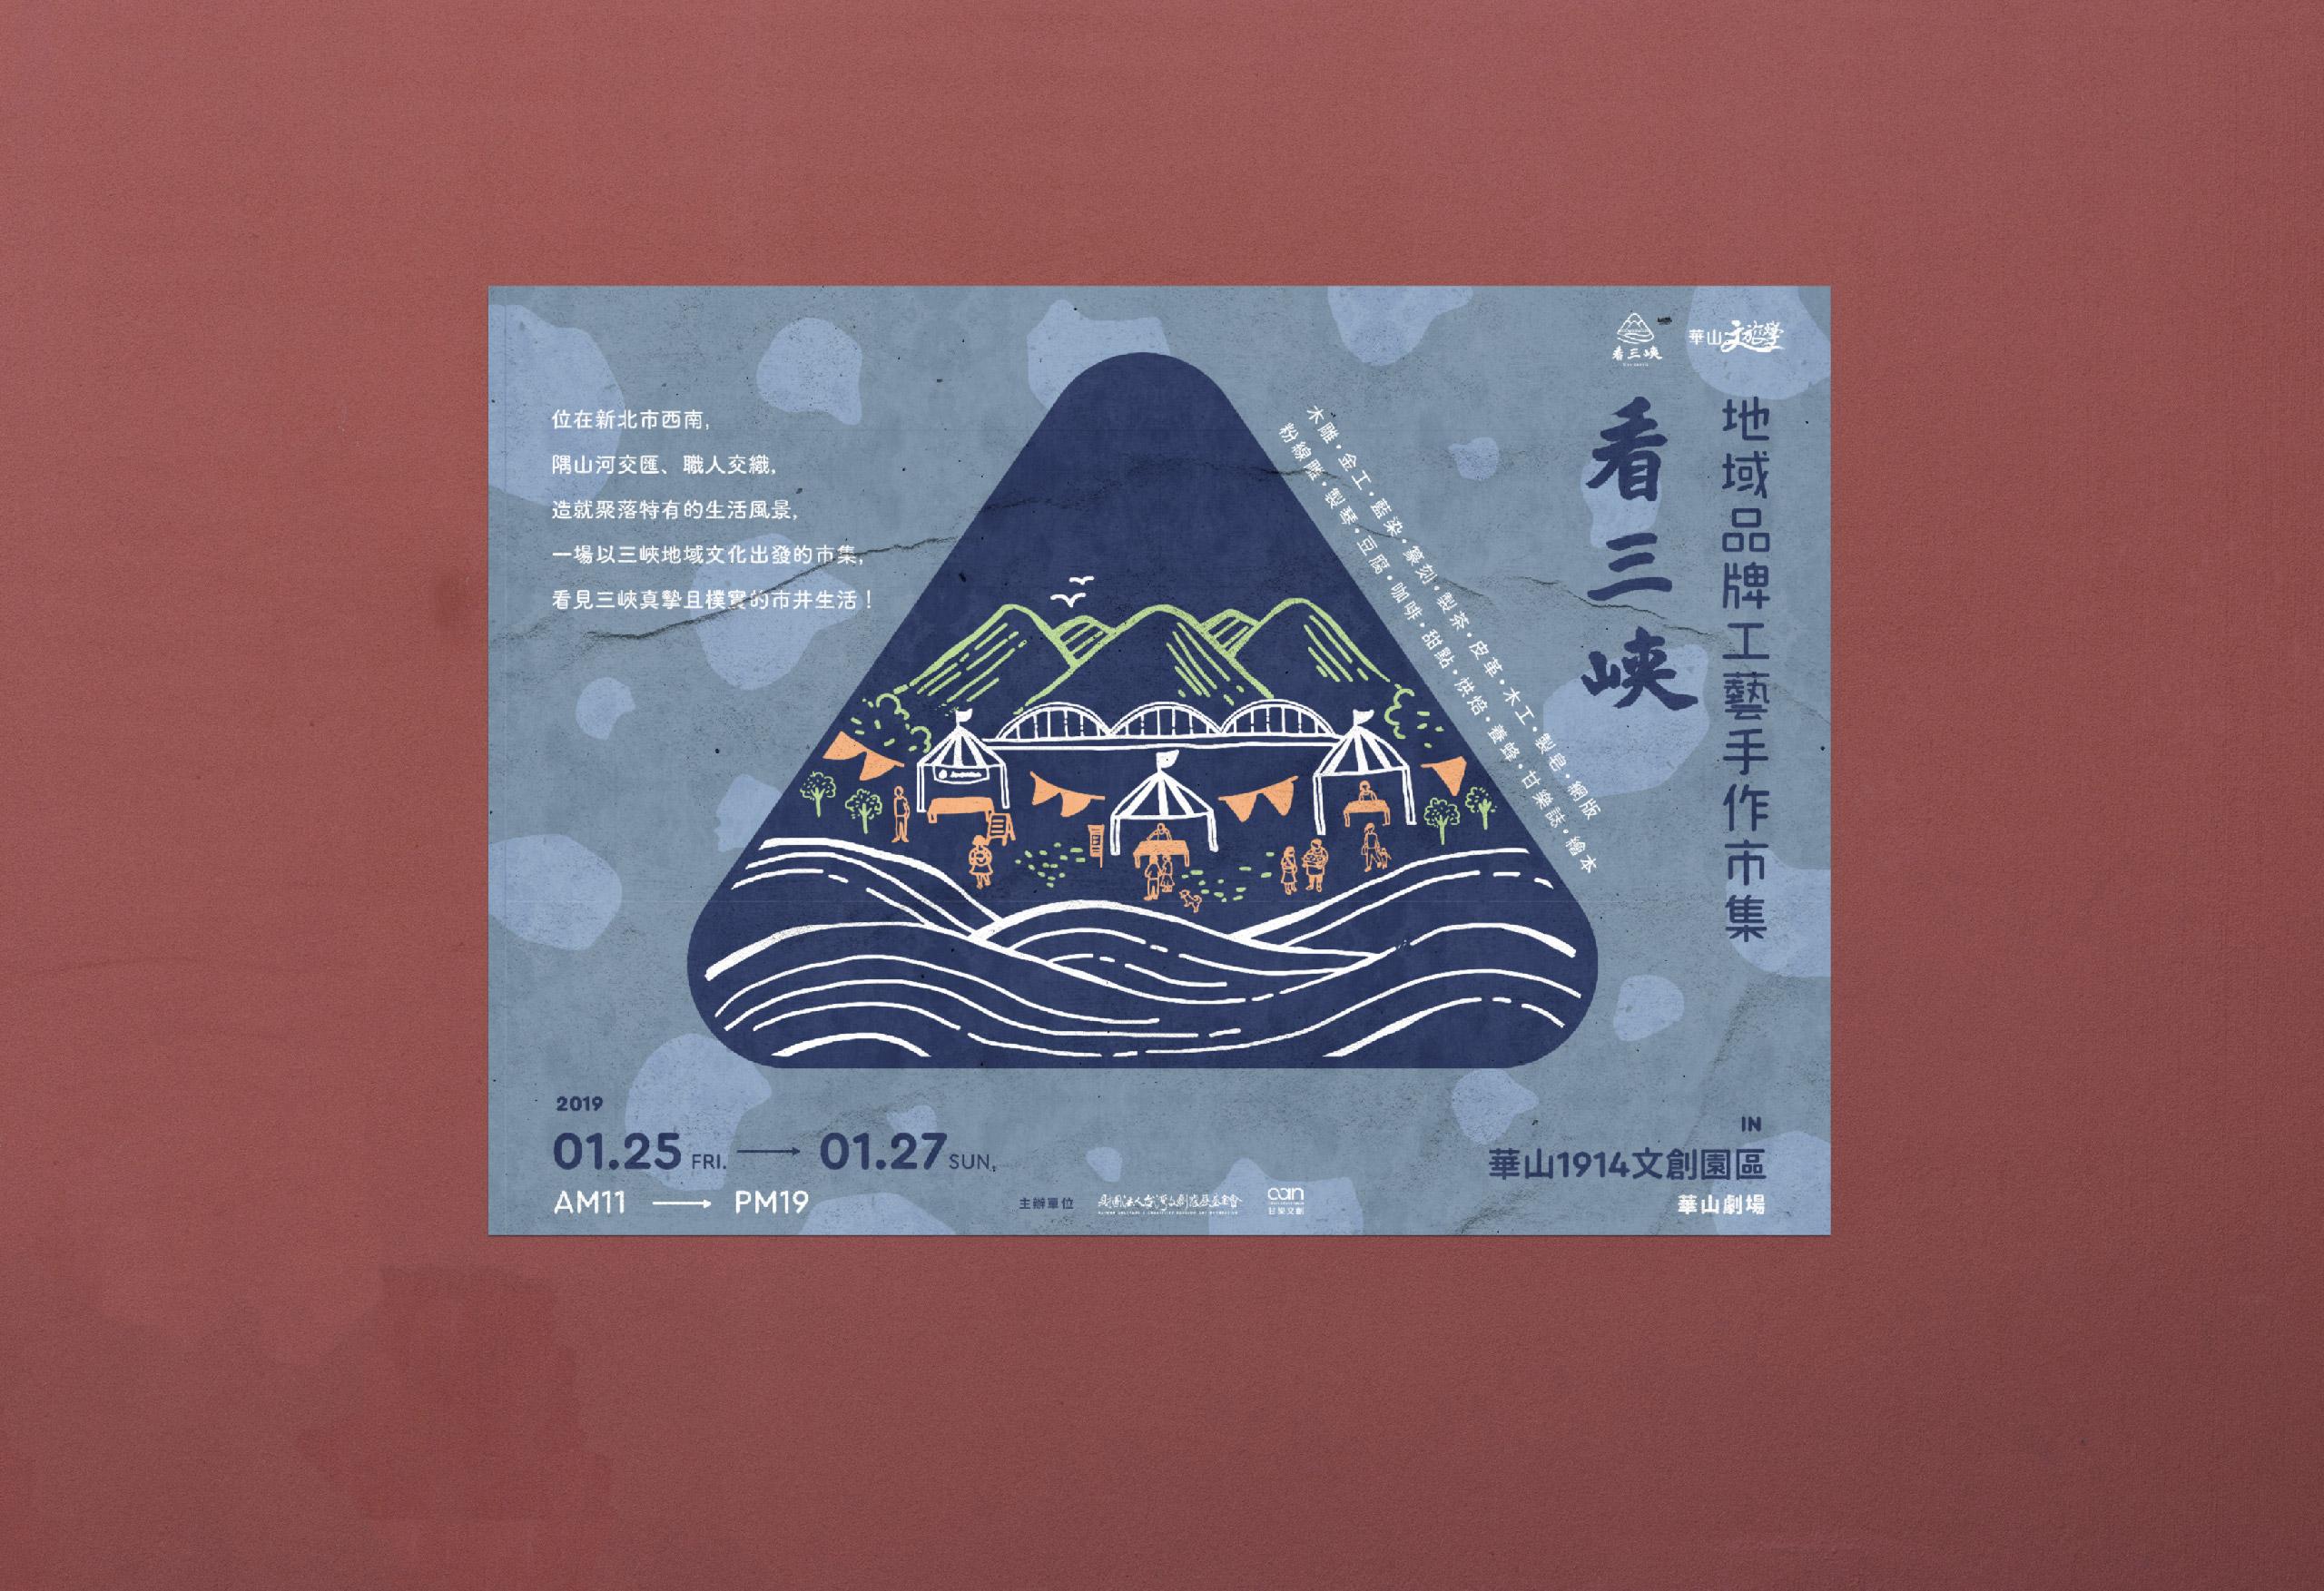 看三峽 主視覺以三峽最具表的工藝『藍染』作為主題發揮,再利用插畫描繪三峽的山與河、拱橋,繪製三峽市井景象。 | 甘樂文創 | 甘之如飴,樂在其中